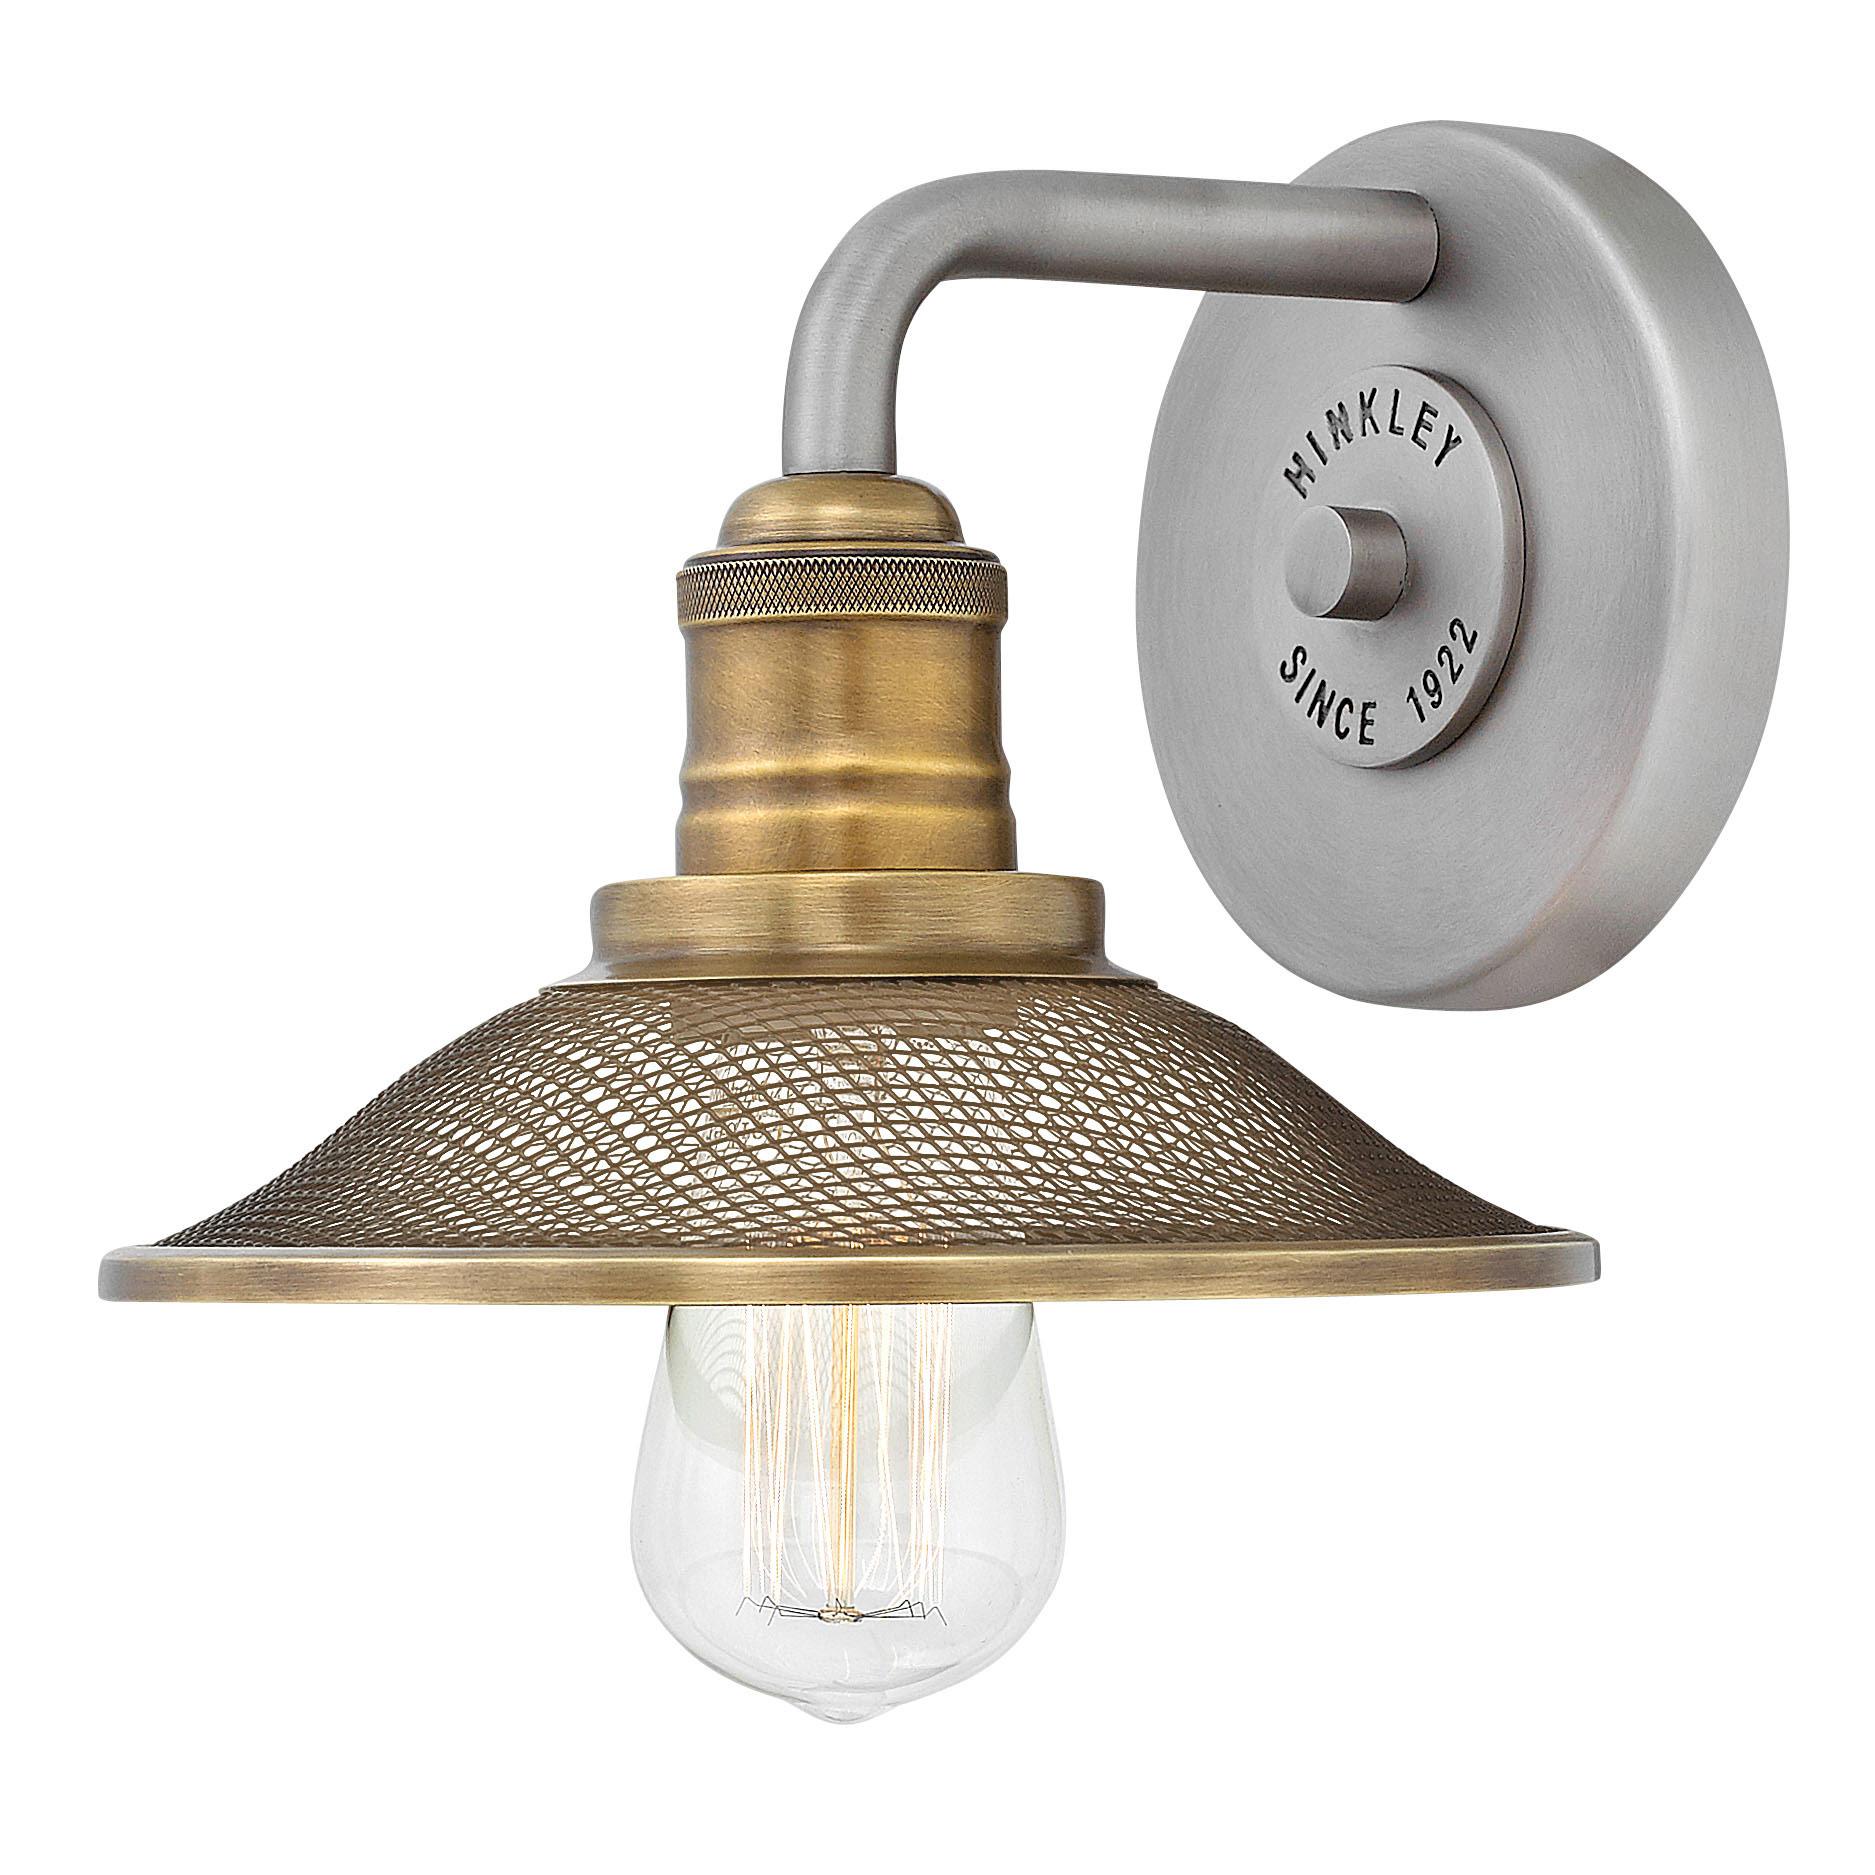 rigby bathroom vanity light by hinkley lighting 5290an